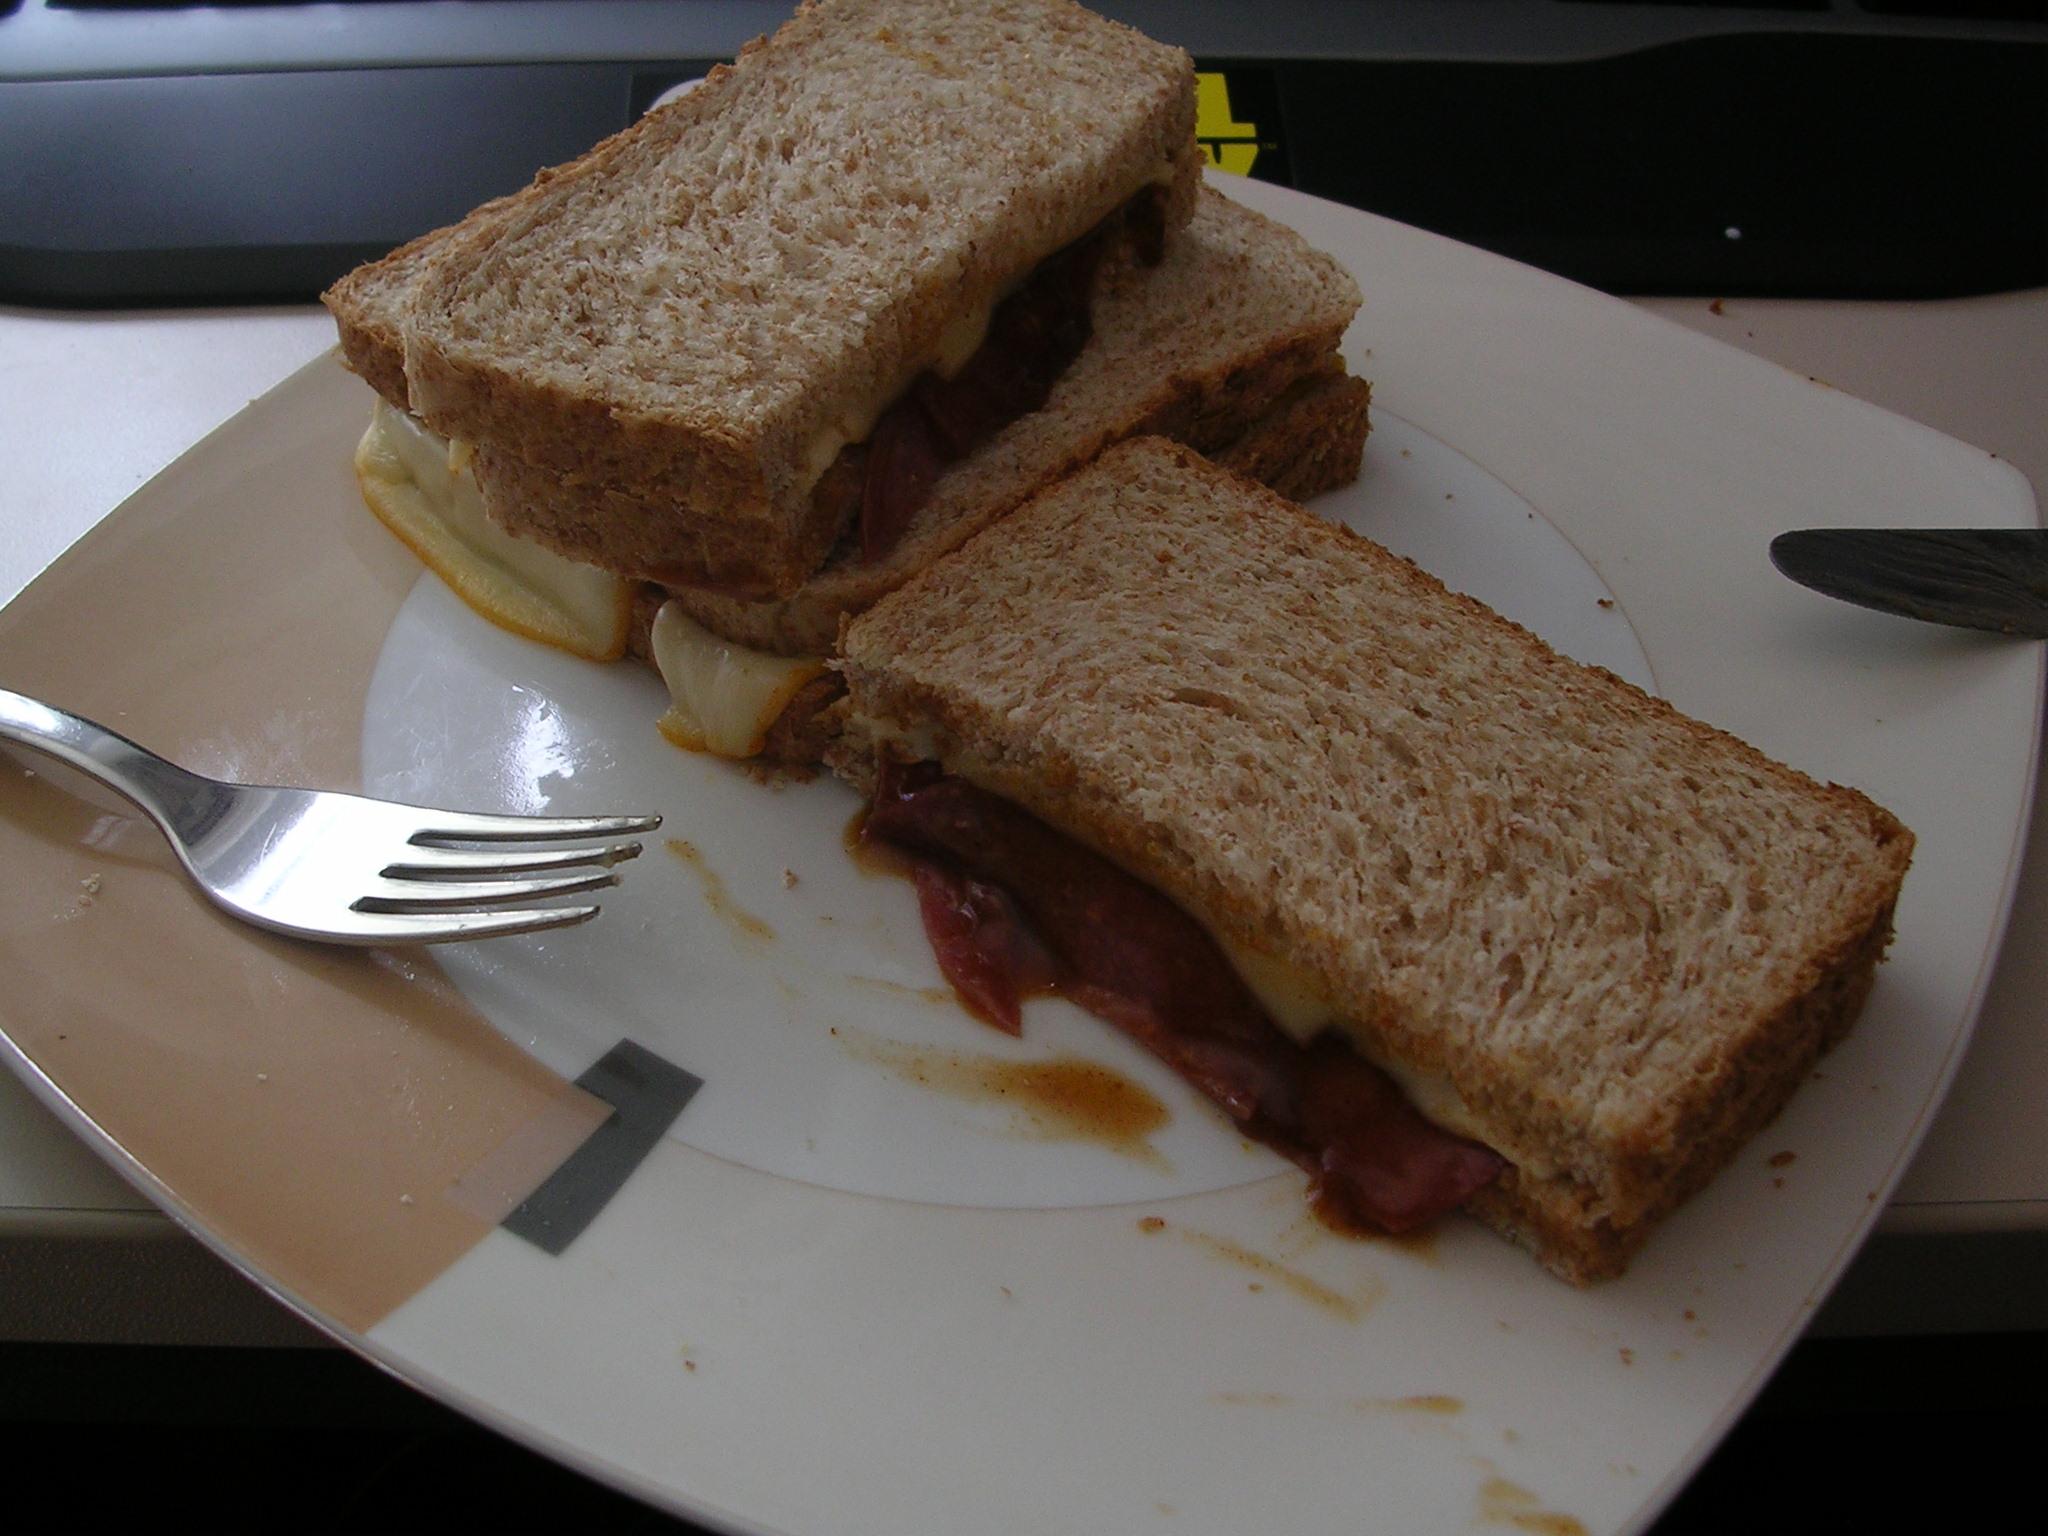 https://foodloader.net/Numb_2010-08-20_toastbrotgewerks_mit_salami.jpg